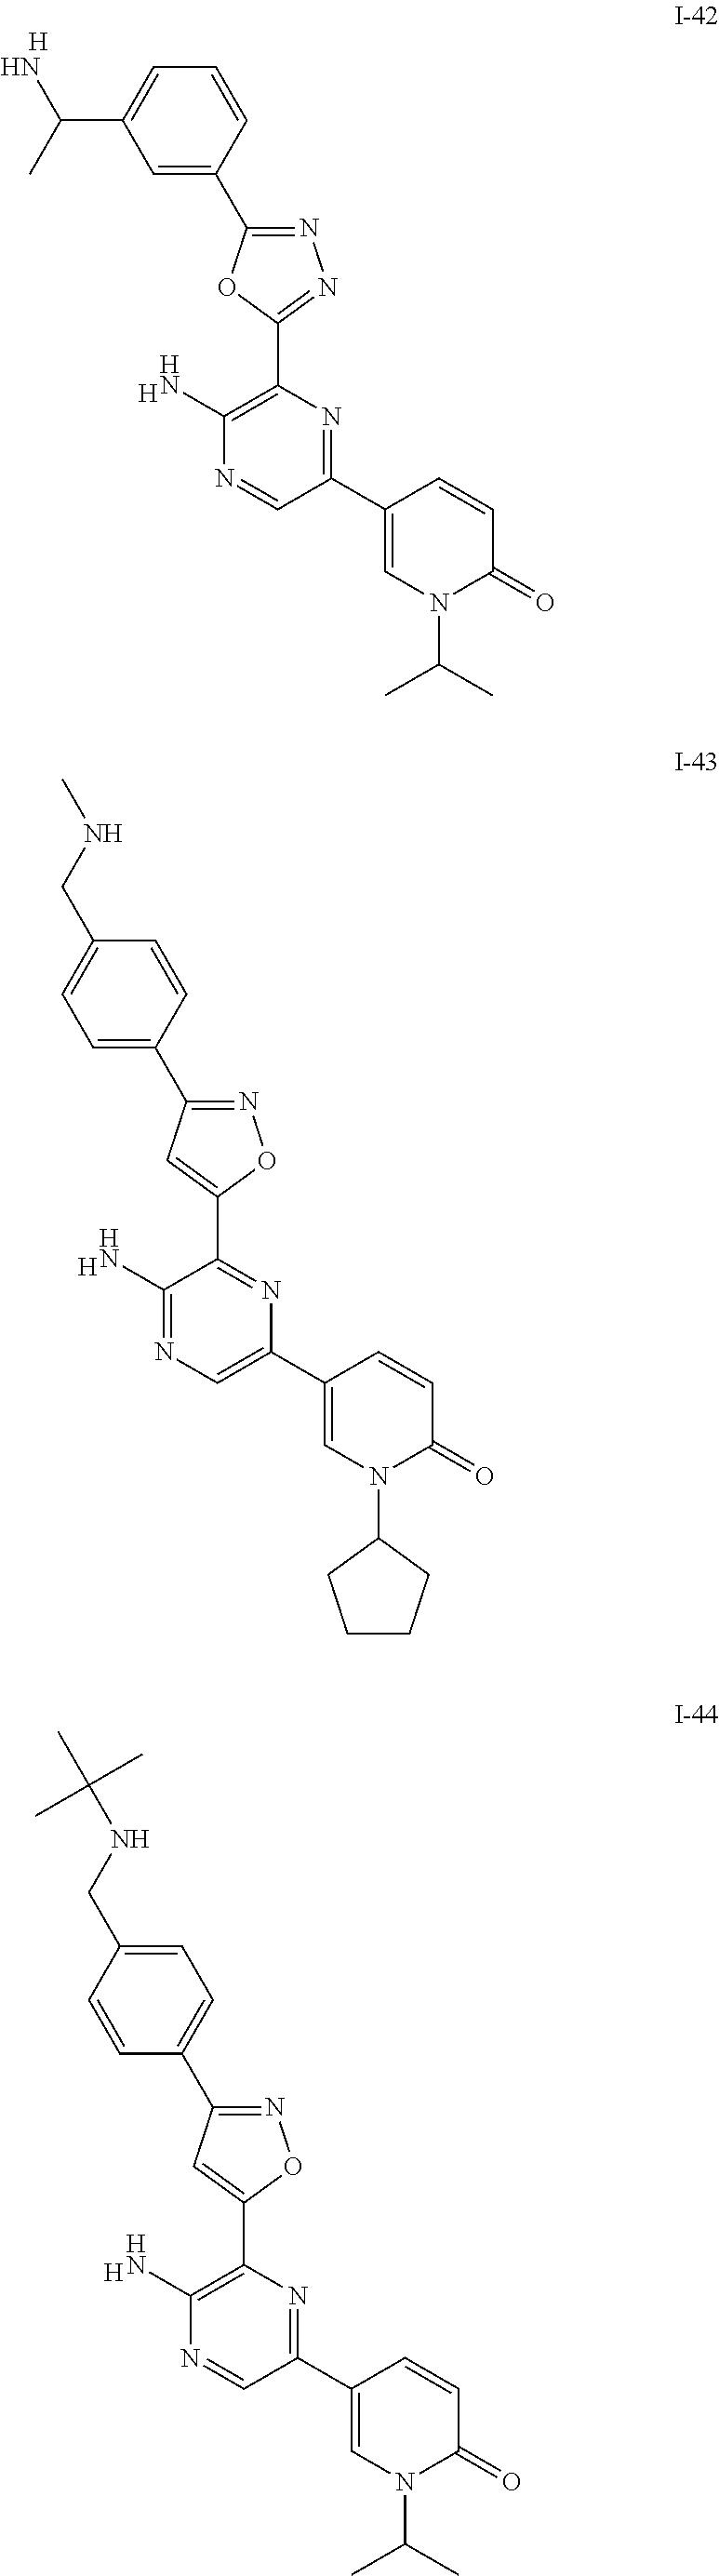 Figure US09630956-20170425-C00231